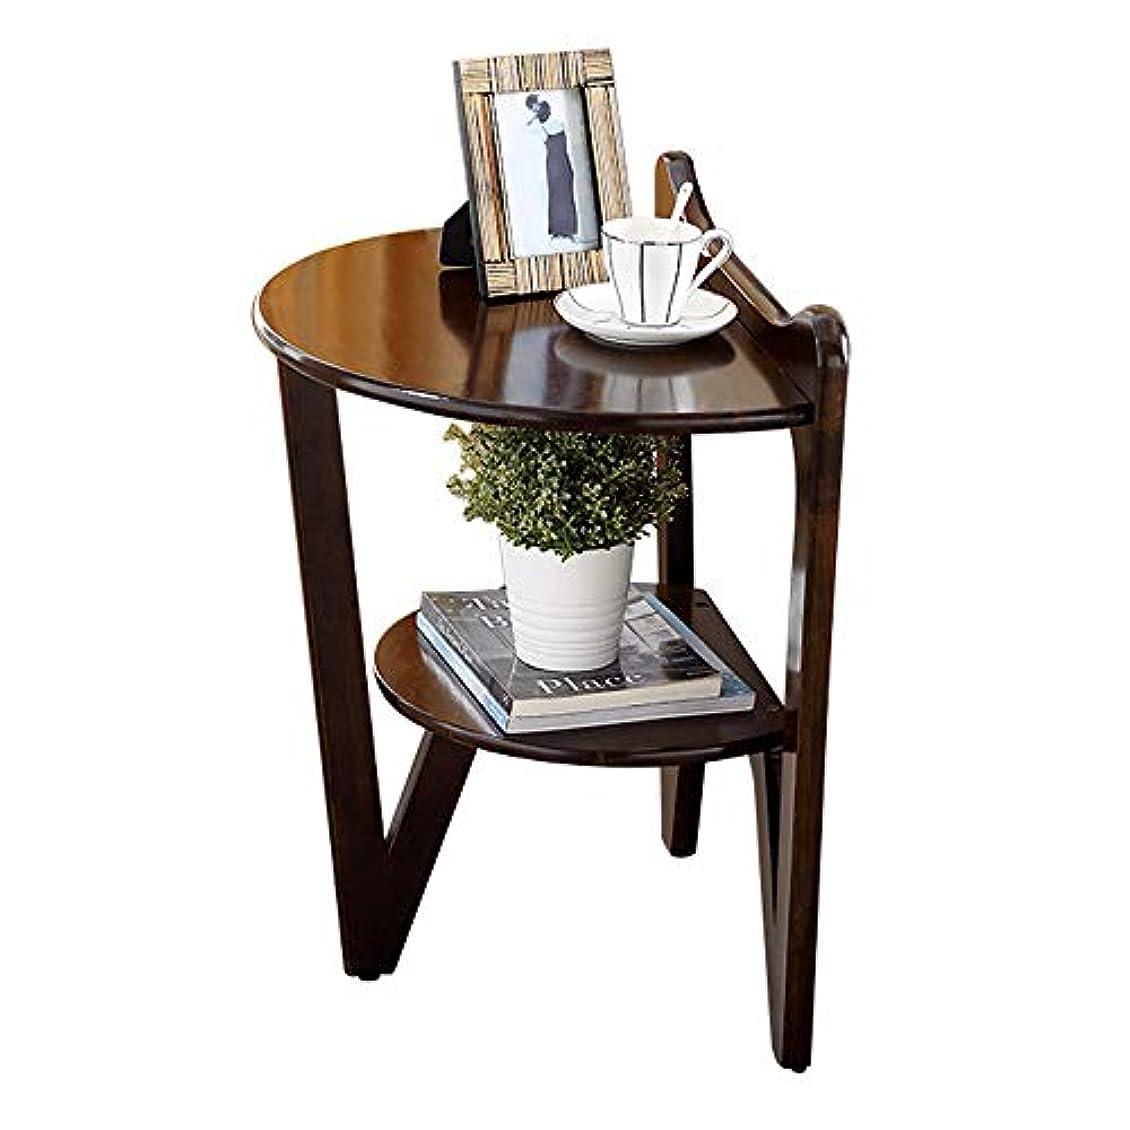 課税社会アイザックHUO 壁に壁の純木のコーヒーテーブルの居間の小さいテーブルのソファーの側面のテーブル - 3色59 * 60 cm (色 : A)